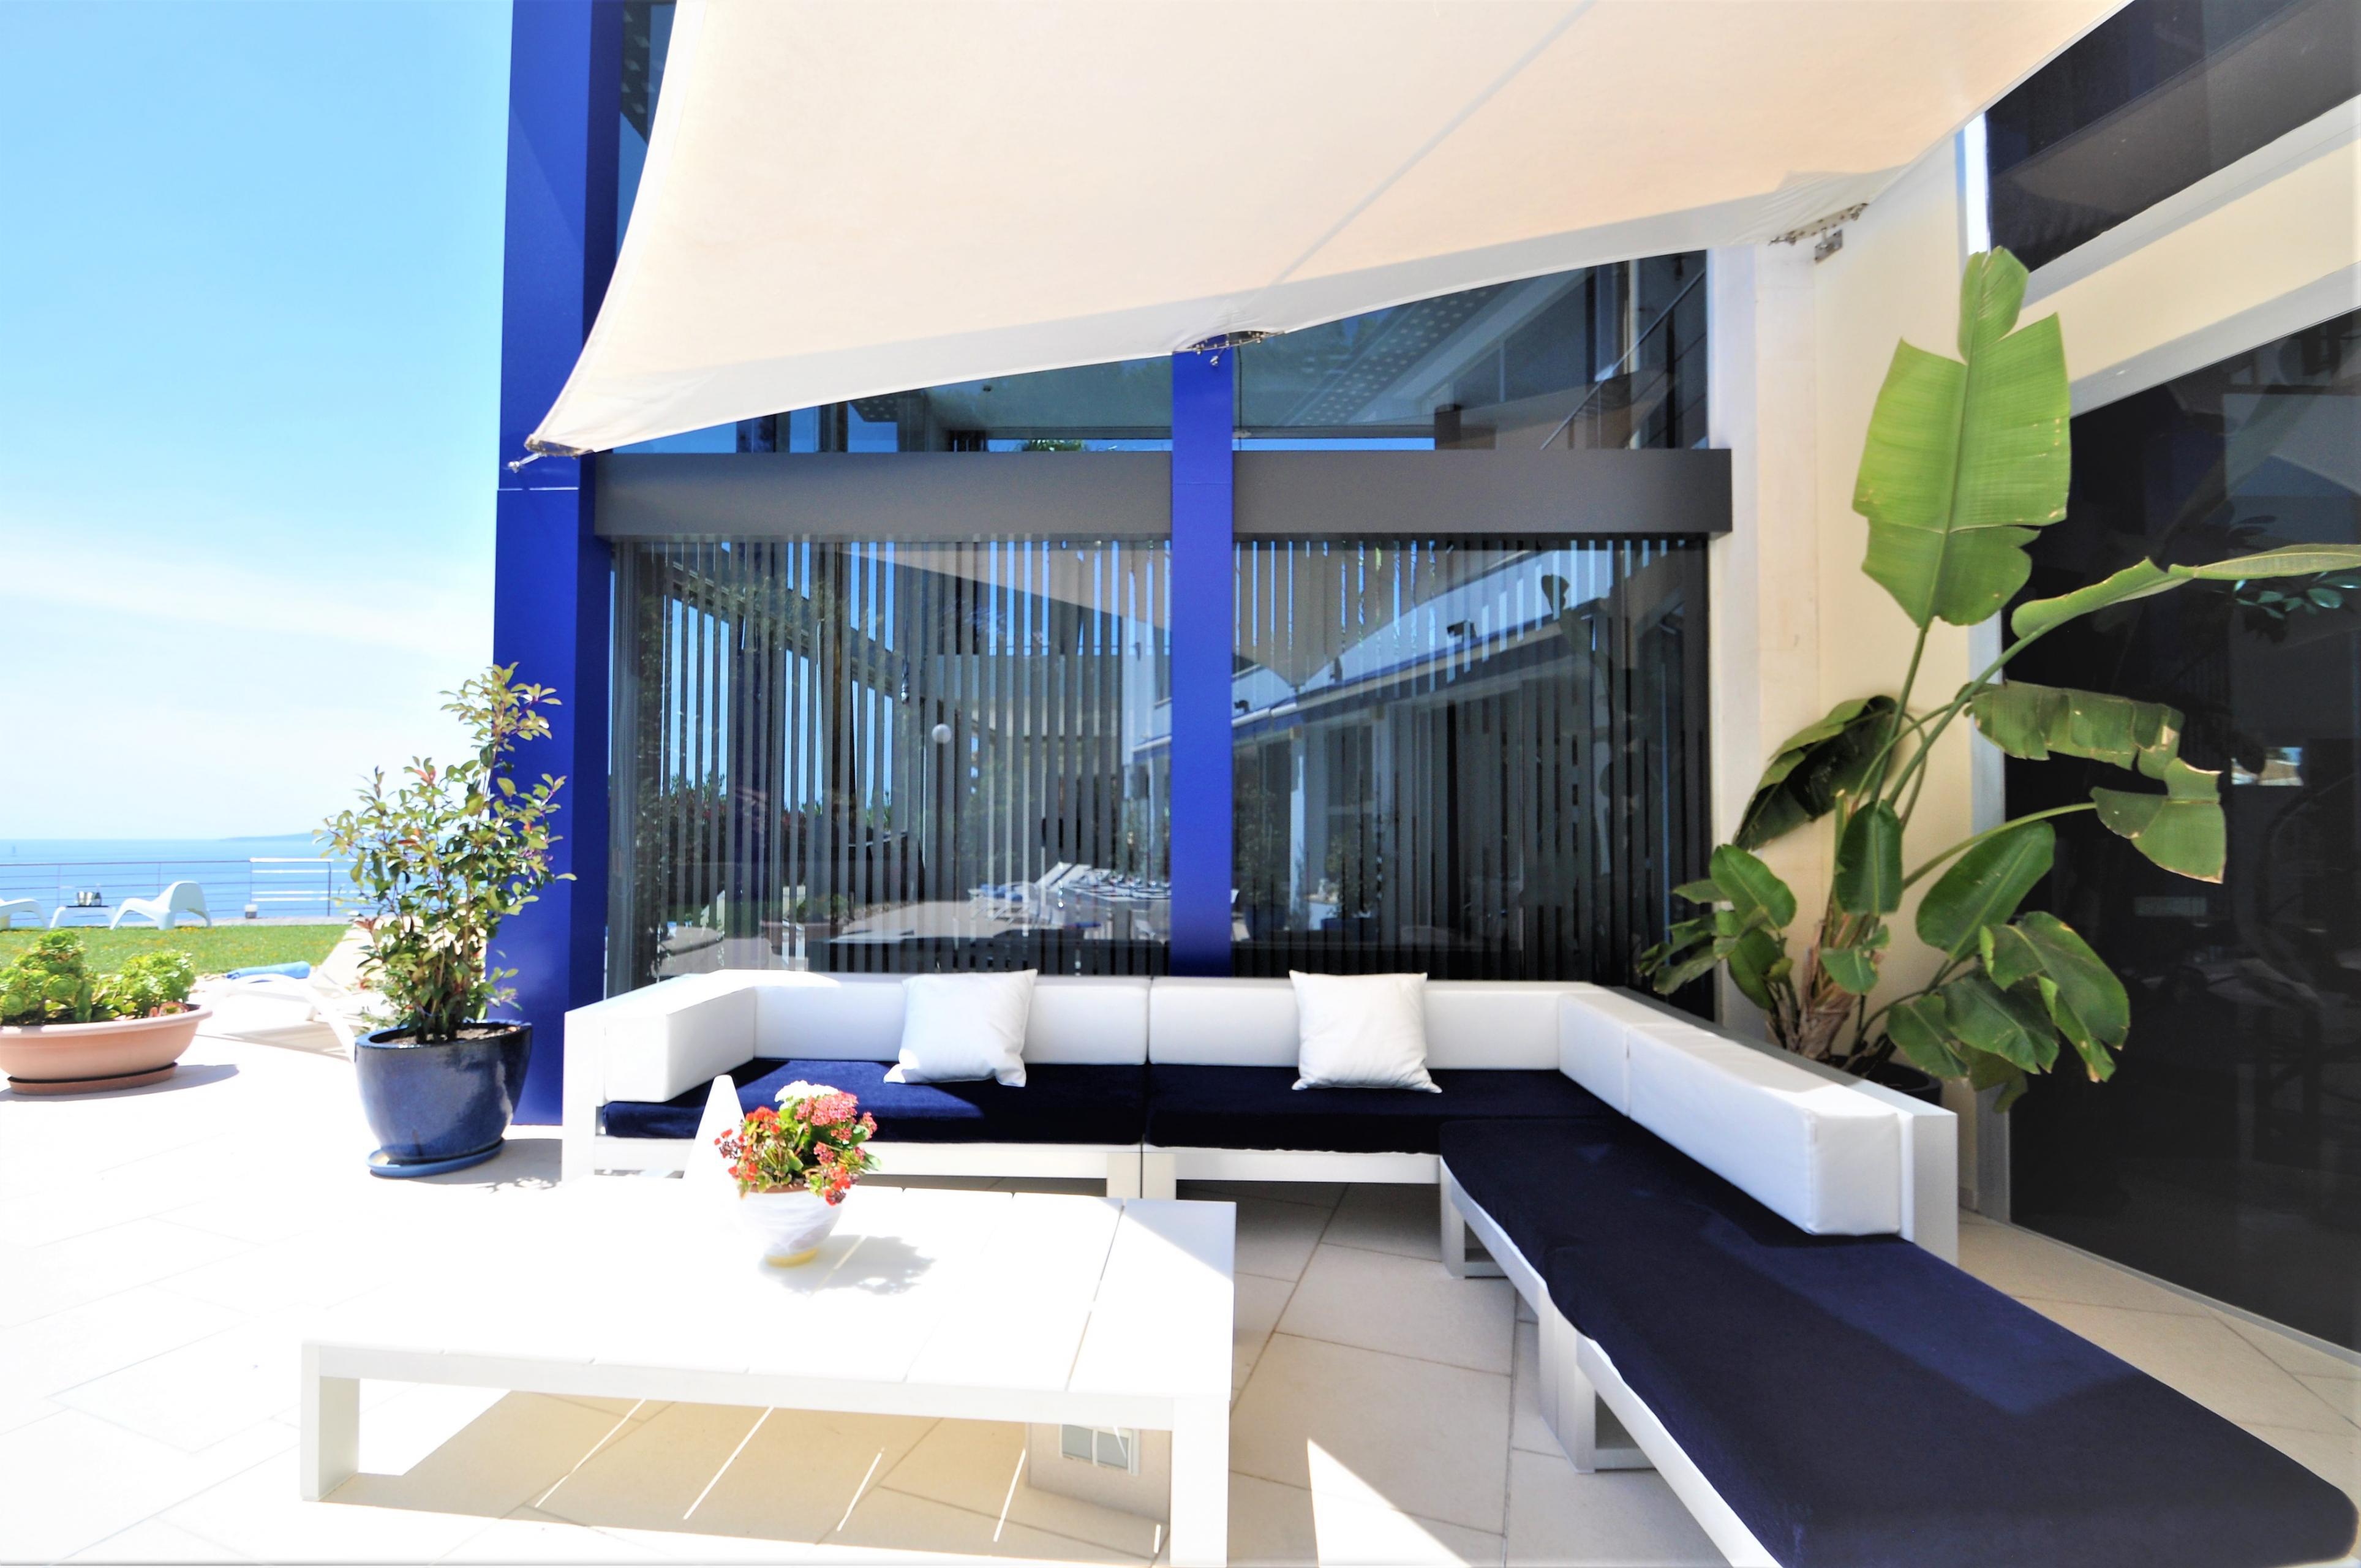 Maison de vacances VILLA BAY BLUE- Bahia Azul- Mallorca - VILLAONLINE - Kostenloses WLAN (2684052), Bahia Azul, Majorque, Iles Baléares, Espagne, image 53